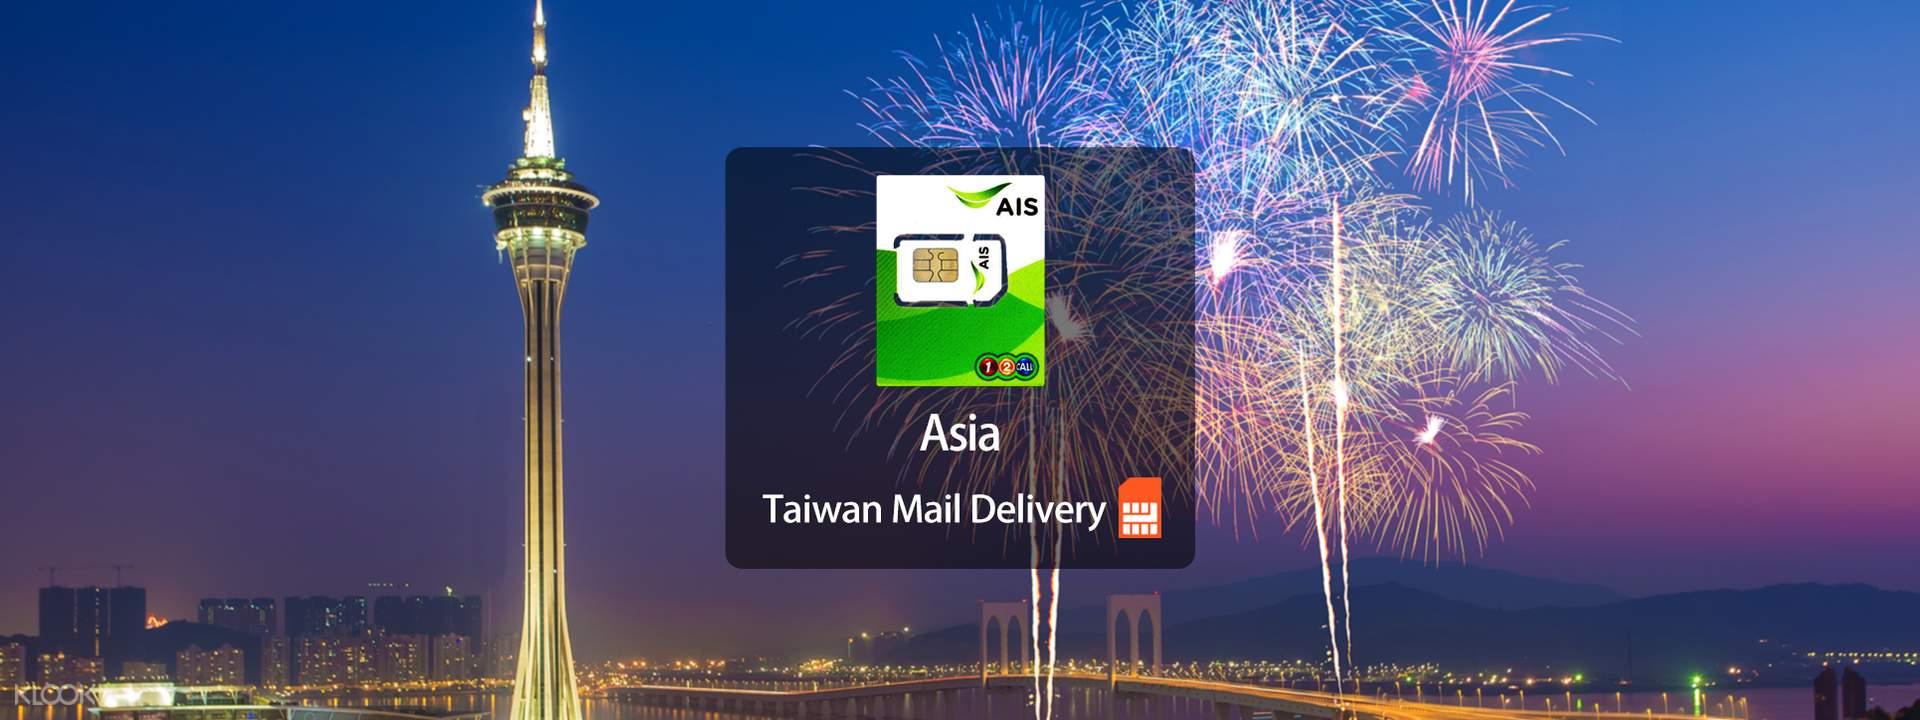 澳門AIS 4G上網SIM卡 - 8天4GB流量(台灣宅配到府) - KLOOK客路